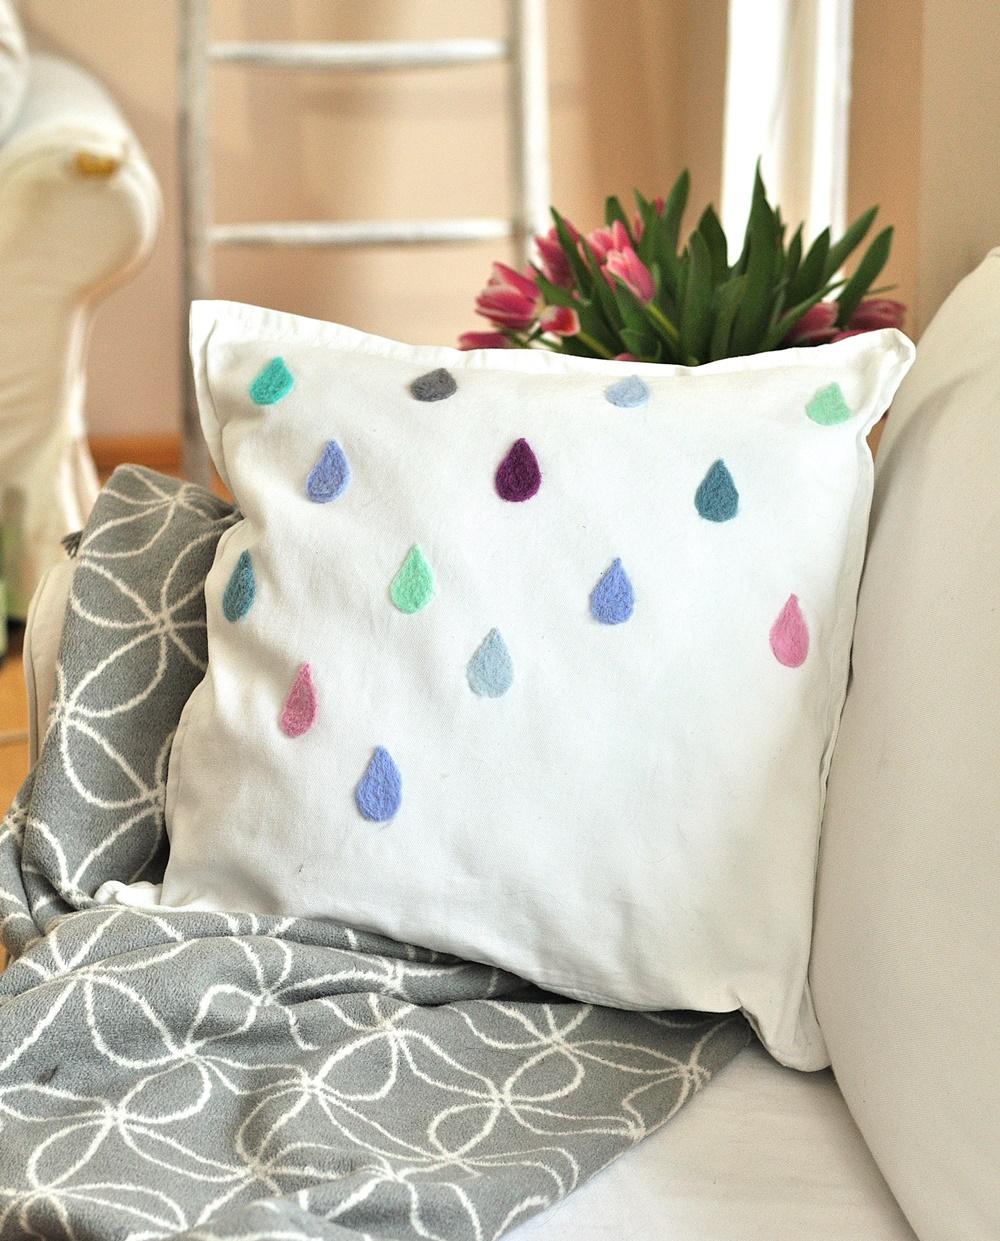 Kissen mit gefilzten Regentropfen